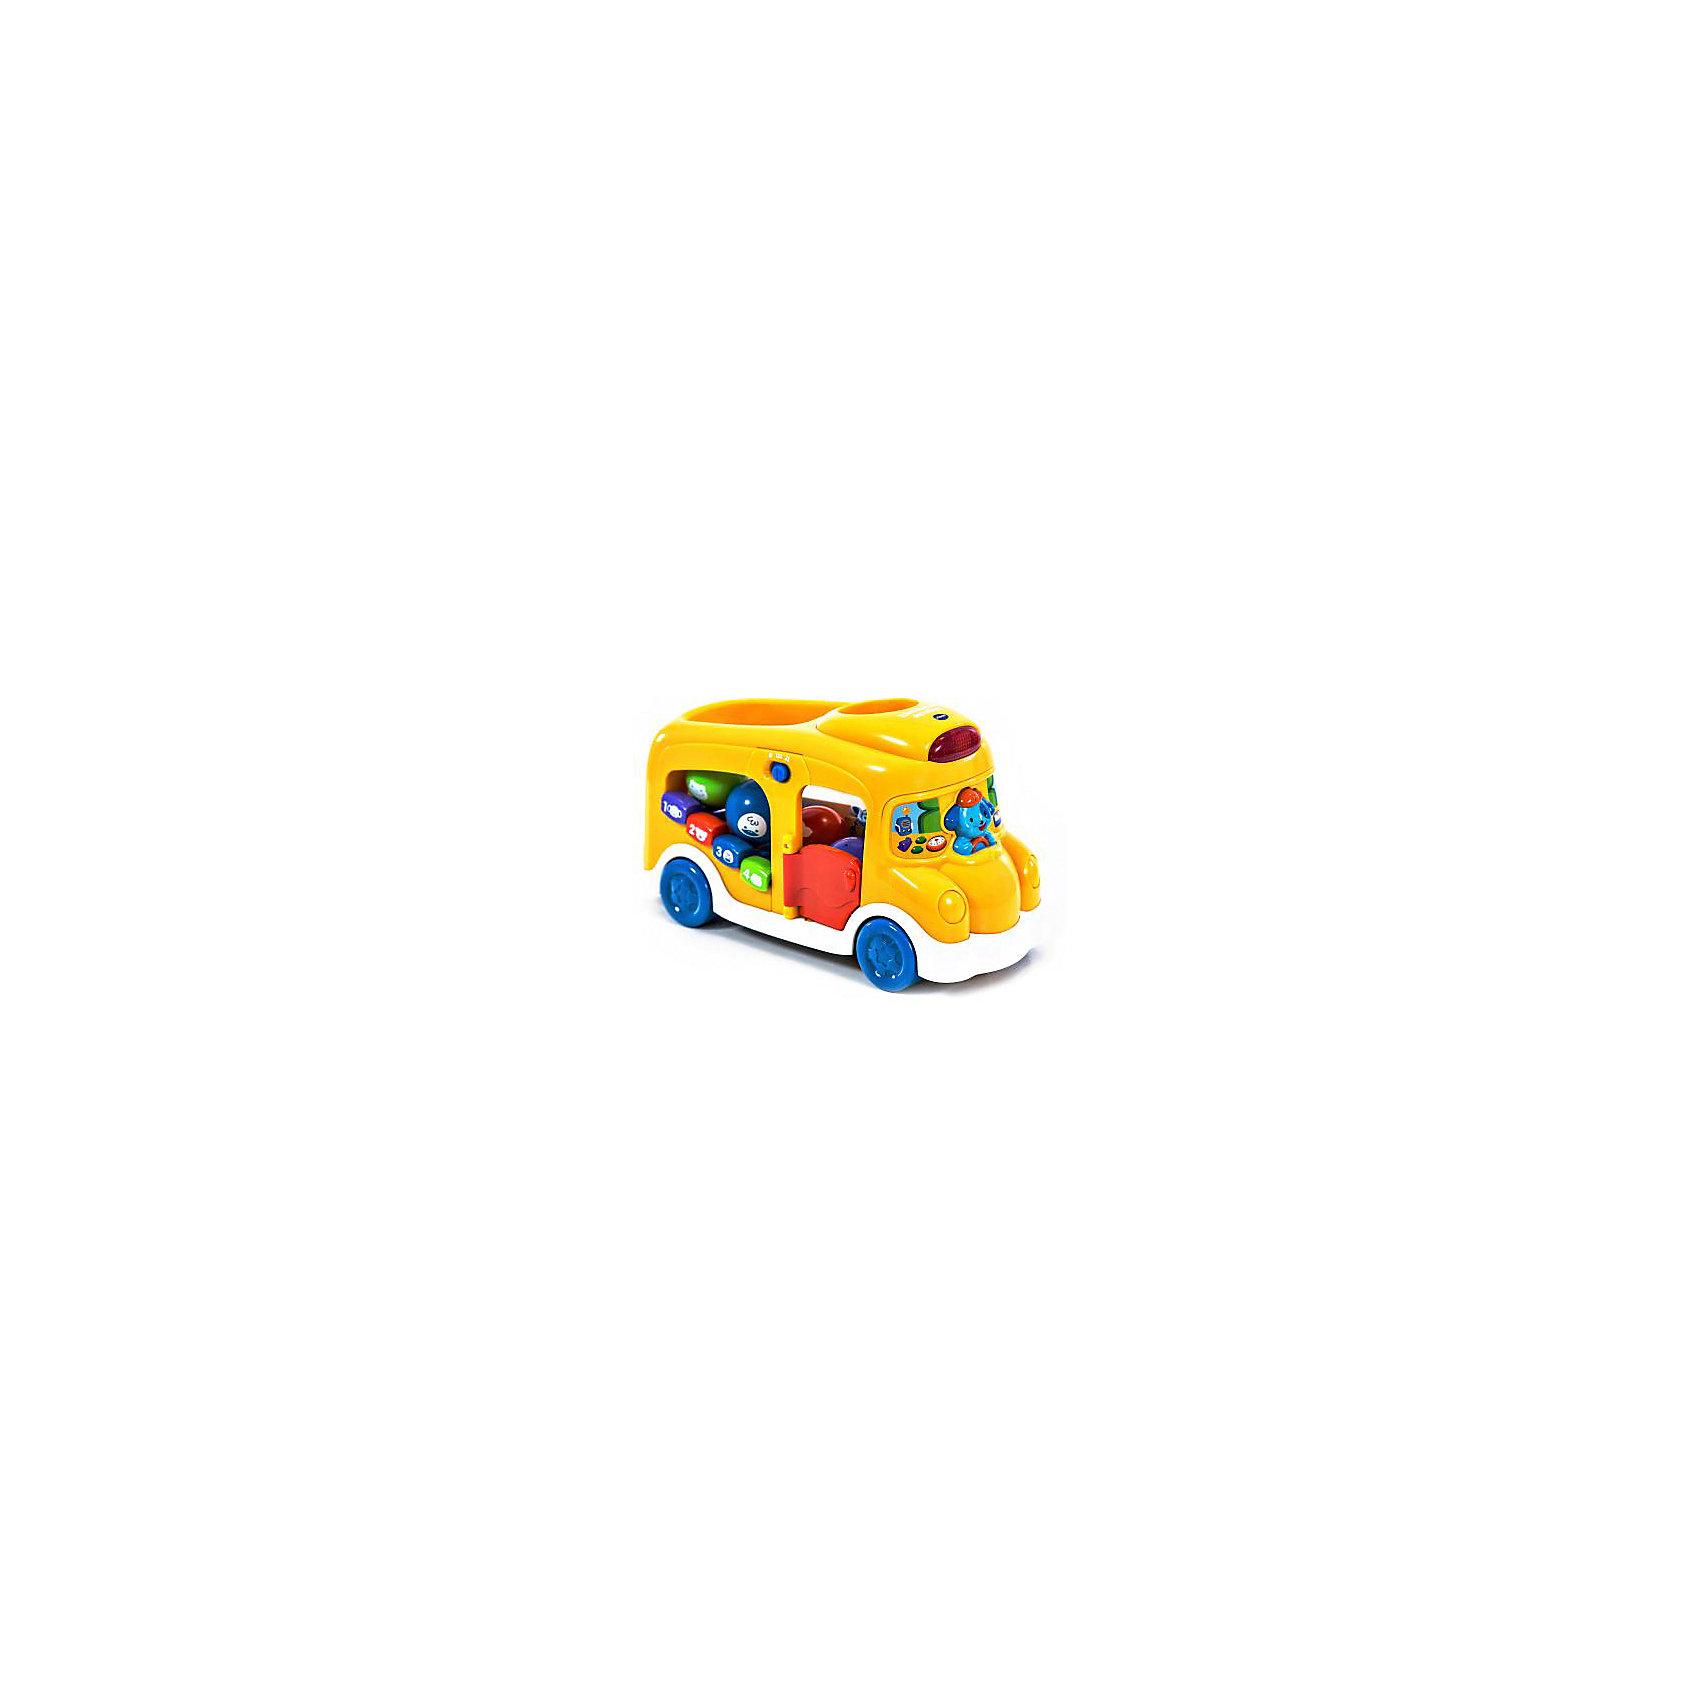 Школьный автобус, VtechИнтерактивные игрушки для малышей<br>Школьный автобус, Vtech (Втеч).<br><br>Характеристики:<br><br>• Для детей от 6 месяцев до 3 лет <br>• Комплектация: автобус, 4 интерактивных шарика разных цветов с нарисованными животными<br>• Материал: пластик<br>• Размер автобуса: 29x17,5x10,5 см.<br>• Батарейки: 3 типа АА (в комплекте демонстрационные)<br>• Упаковка: красочная подарочная коробка<br>• Размер упаковки: 35x24,5x14,5 см.<br><br>Красочный набор школьный автобус от французской компании Vtech – великолепная развивающая игрушка 2 в 1, которая работает в двух режимах обучающем и музыкальном. Играя в школьный автобус, ваш малыш выучит названия цветов и животных, научиться считать до 4-х, разовьет свои музыкальные способности игрой на пианино (4 клавиши) и послушает песенку из мультфильма. В комплект с автобусом входят 4 разноцветных интерактивных шарика с изображениями животных. <br><br>Бросая шарики в отверстие в крыше автобуса, малыш услышит голоса животных в зависимости от того, какой шарик он опустил. Когда малыш немного подрастет, он сможет катать игрушку за веревочку. Верёвочка хранится в специальном отсеке. Дверка автобуса открывается. Объемный водитель-собачка одновременно является кнопкой. Имеются световые эффекты. Предусмотрен таймер автоматического отключения. Игрушка изготовлена из прочного безопасного не бьющегося пластика. Продается в красочной коробке и идеально подходит в качестве подарка.<br><br>Игрушку Школьный автобус, Vtech (Втеч) можно купить в нашем интернет-магазине.<br><br>Ширина мм: 150<br>Глубина мм: 360<br>Высота мм: 250<br>Вес г: 1600<br>Возраст от месяцев: 6<br>Возраст до месяцев: 36<br>Пол: Унисекс<br>Возраст: Детский<br>SKU: 3380331